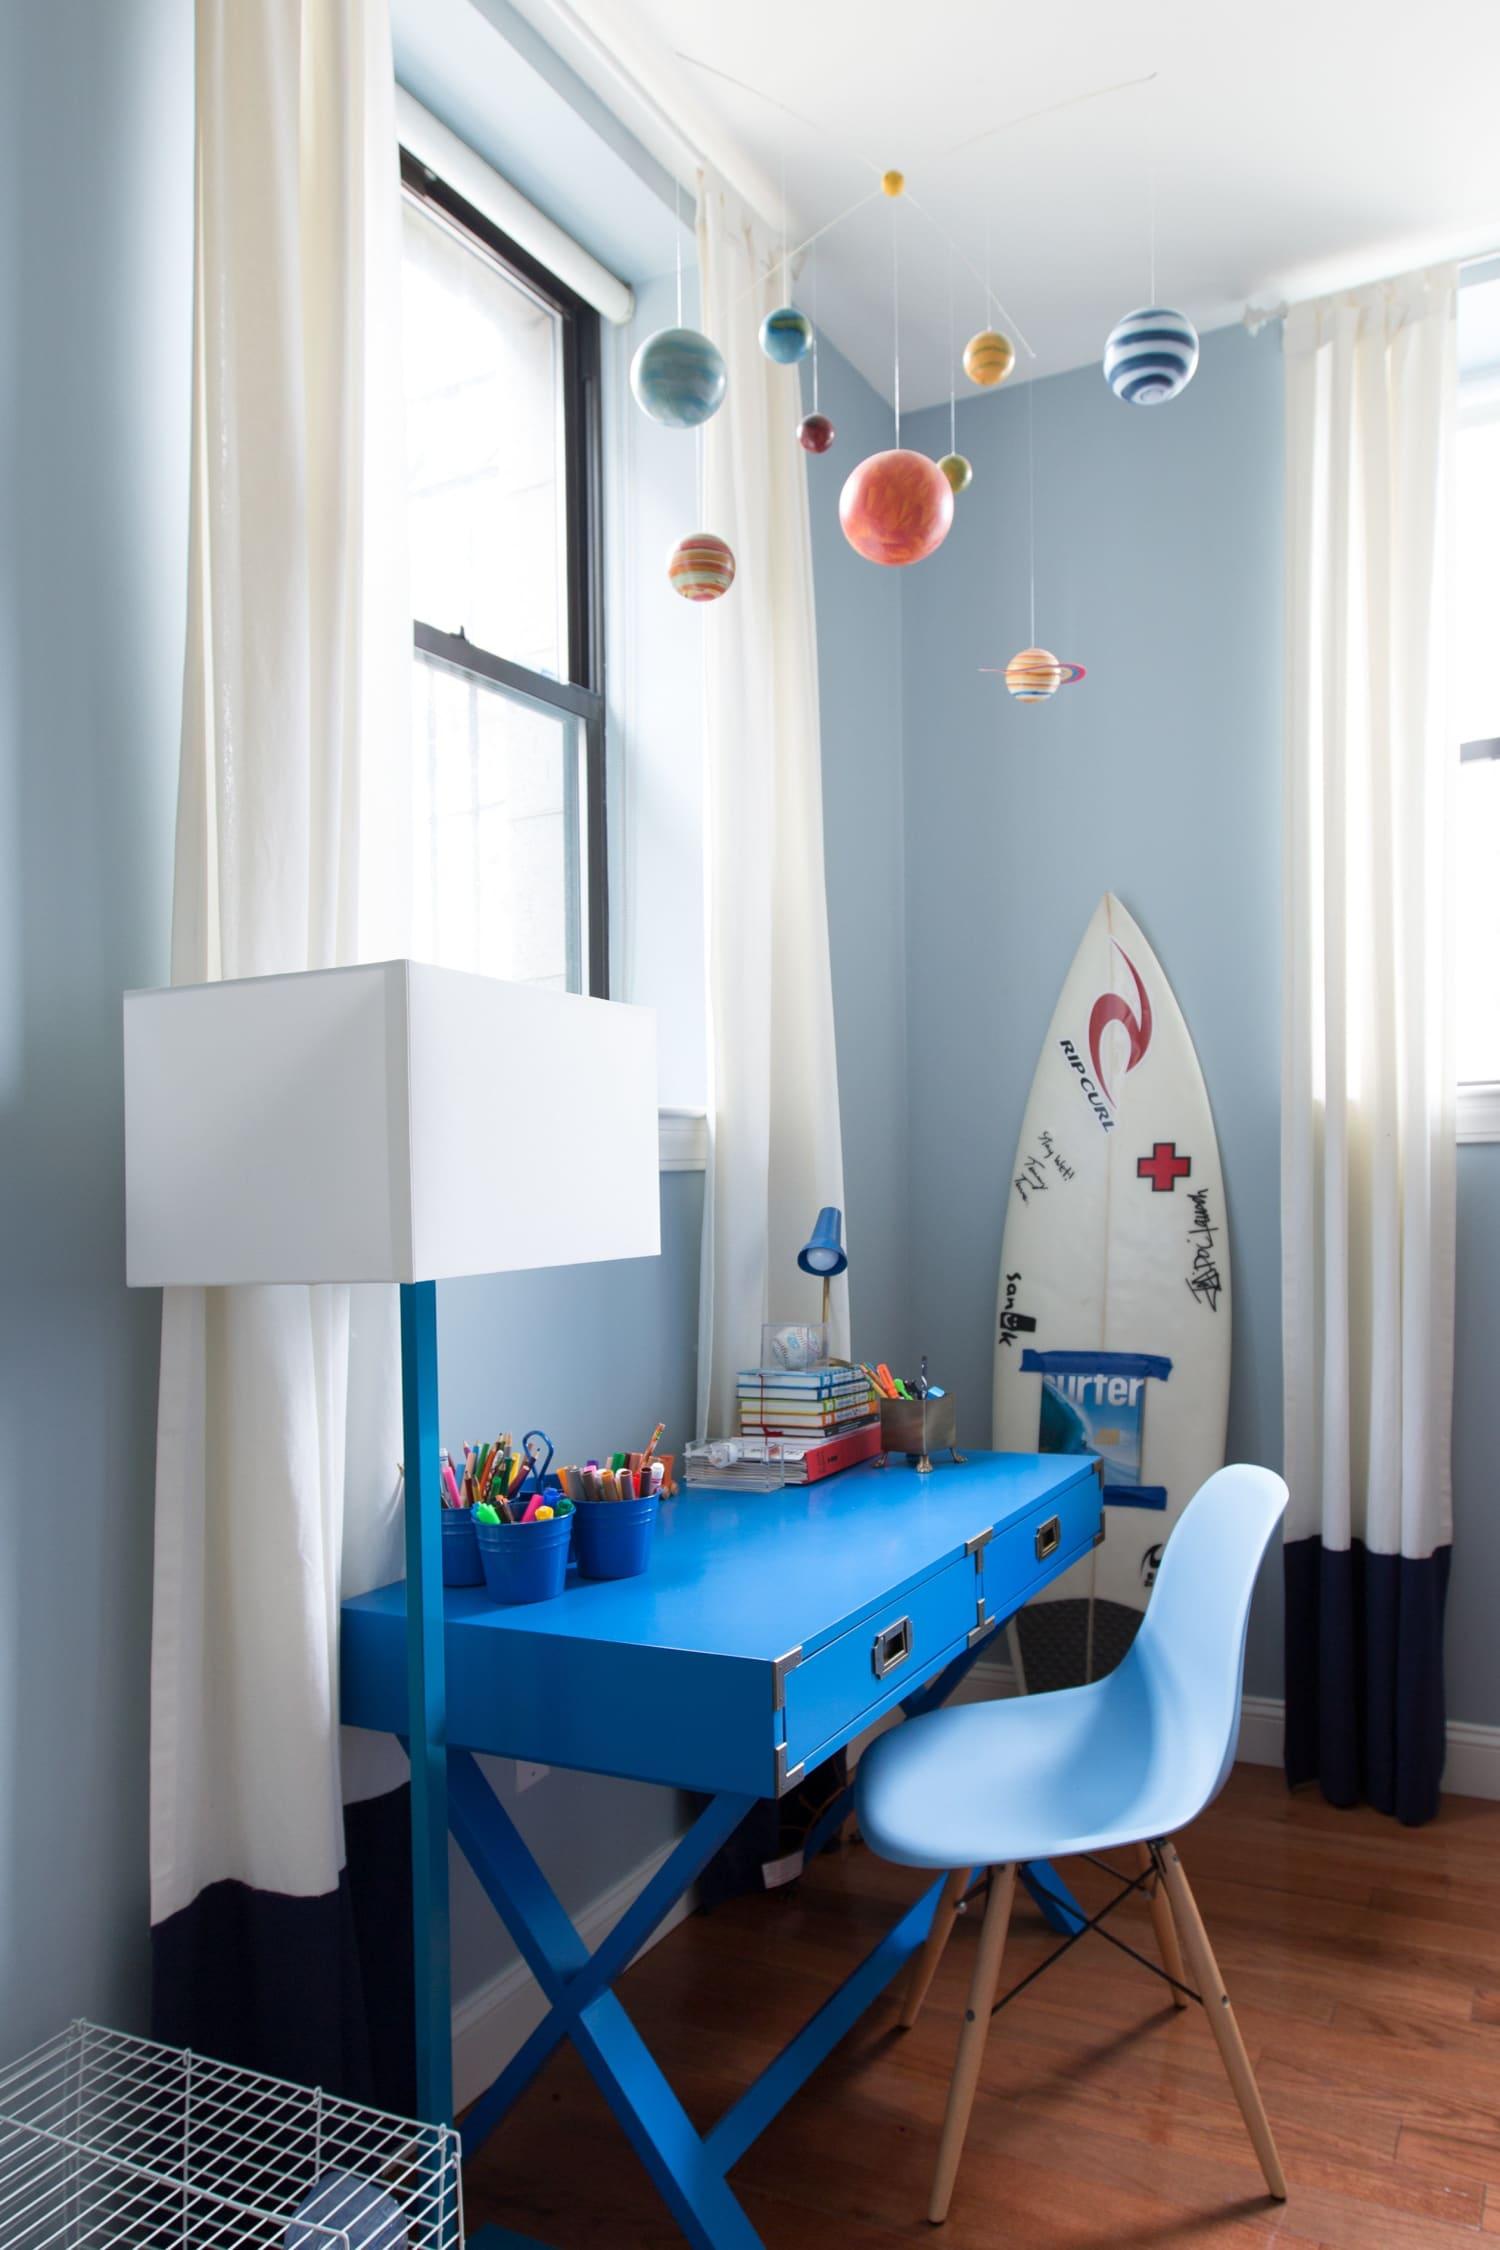 8-best-kids-lamps-for-schoolwork-desks